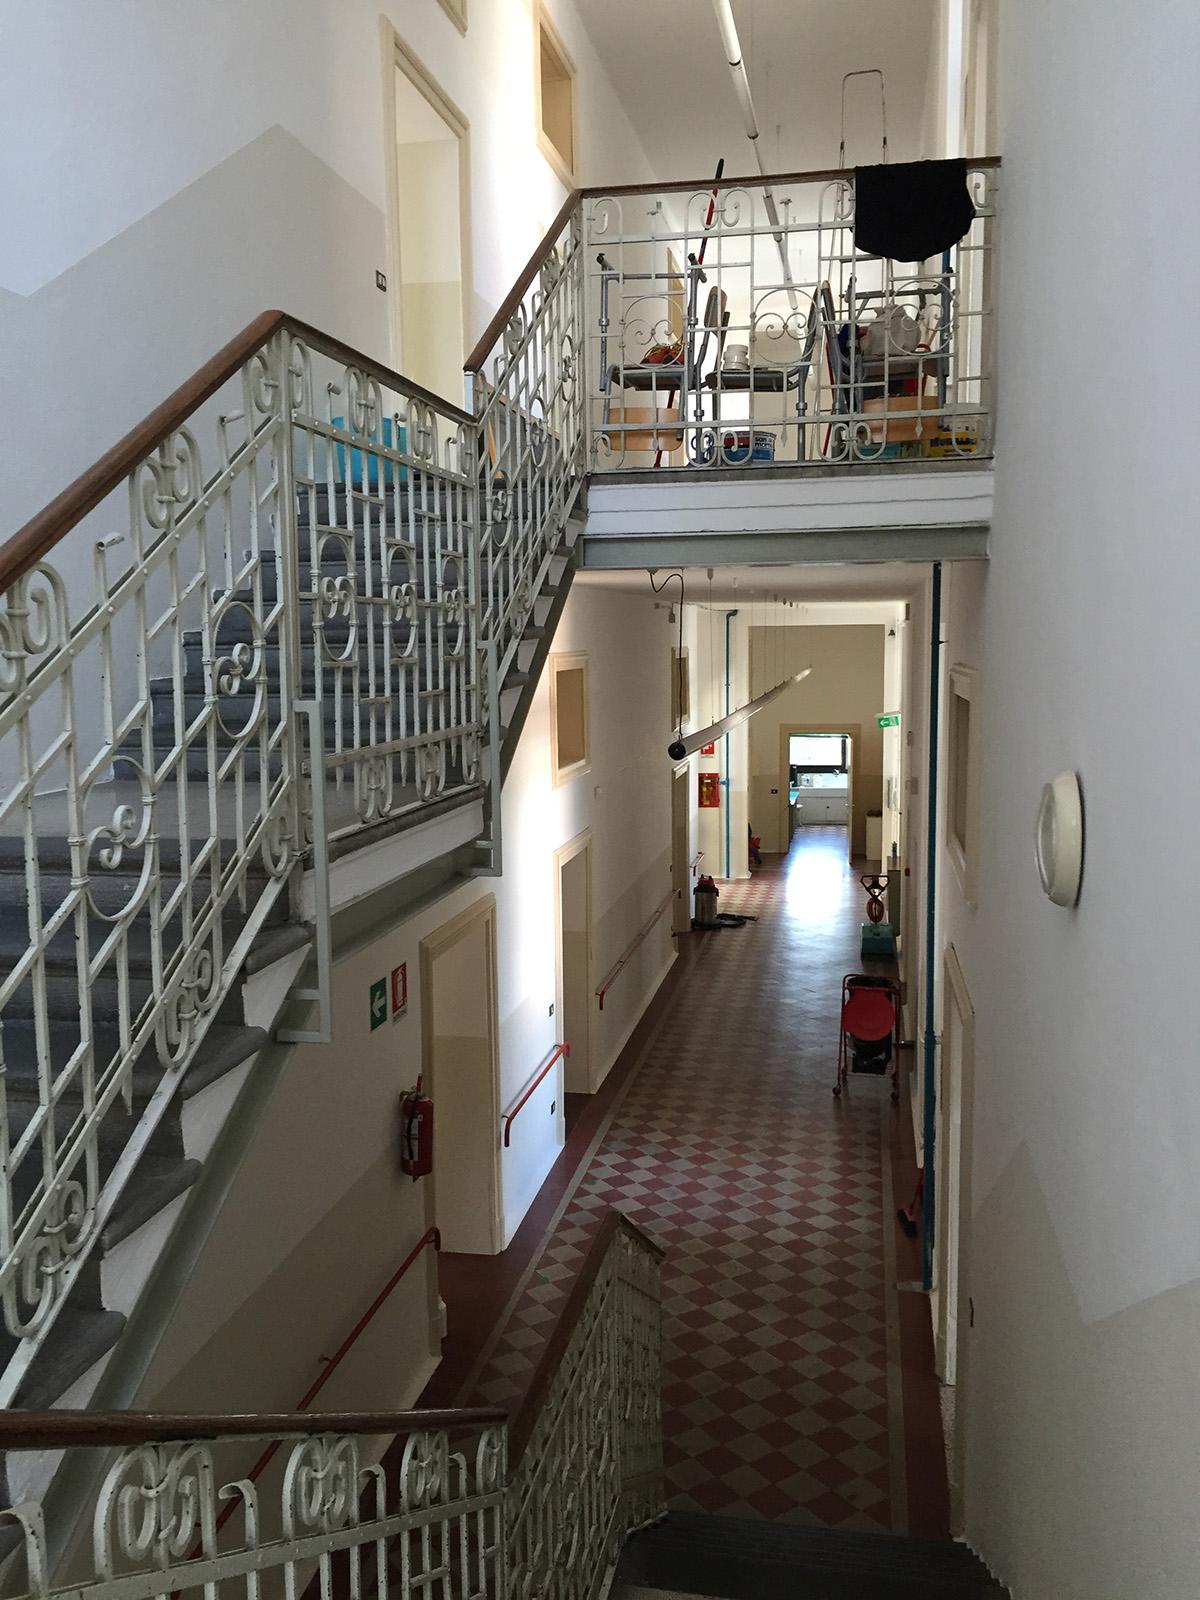 Perico-Renato-Pradalunga (BG) - Scuola comunale - Manutenzione straordinaria 16